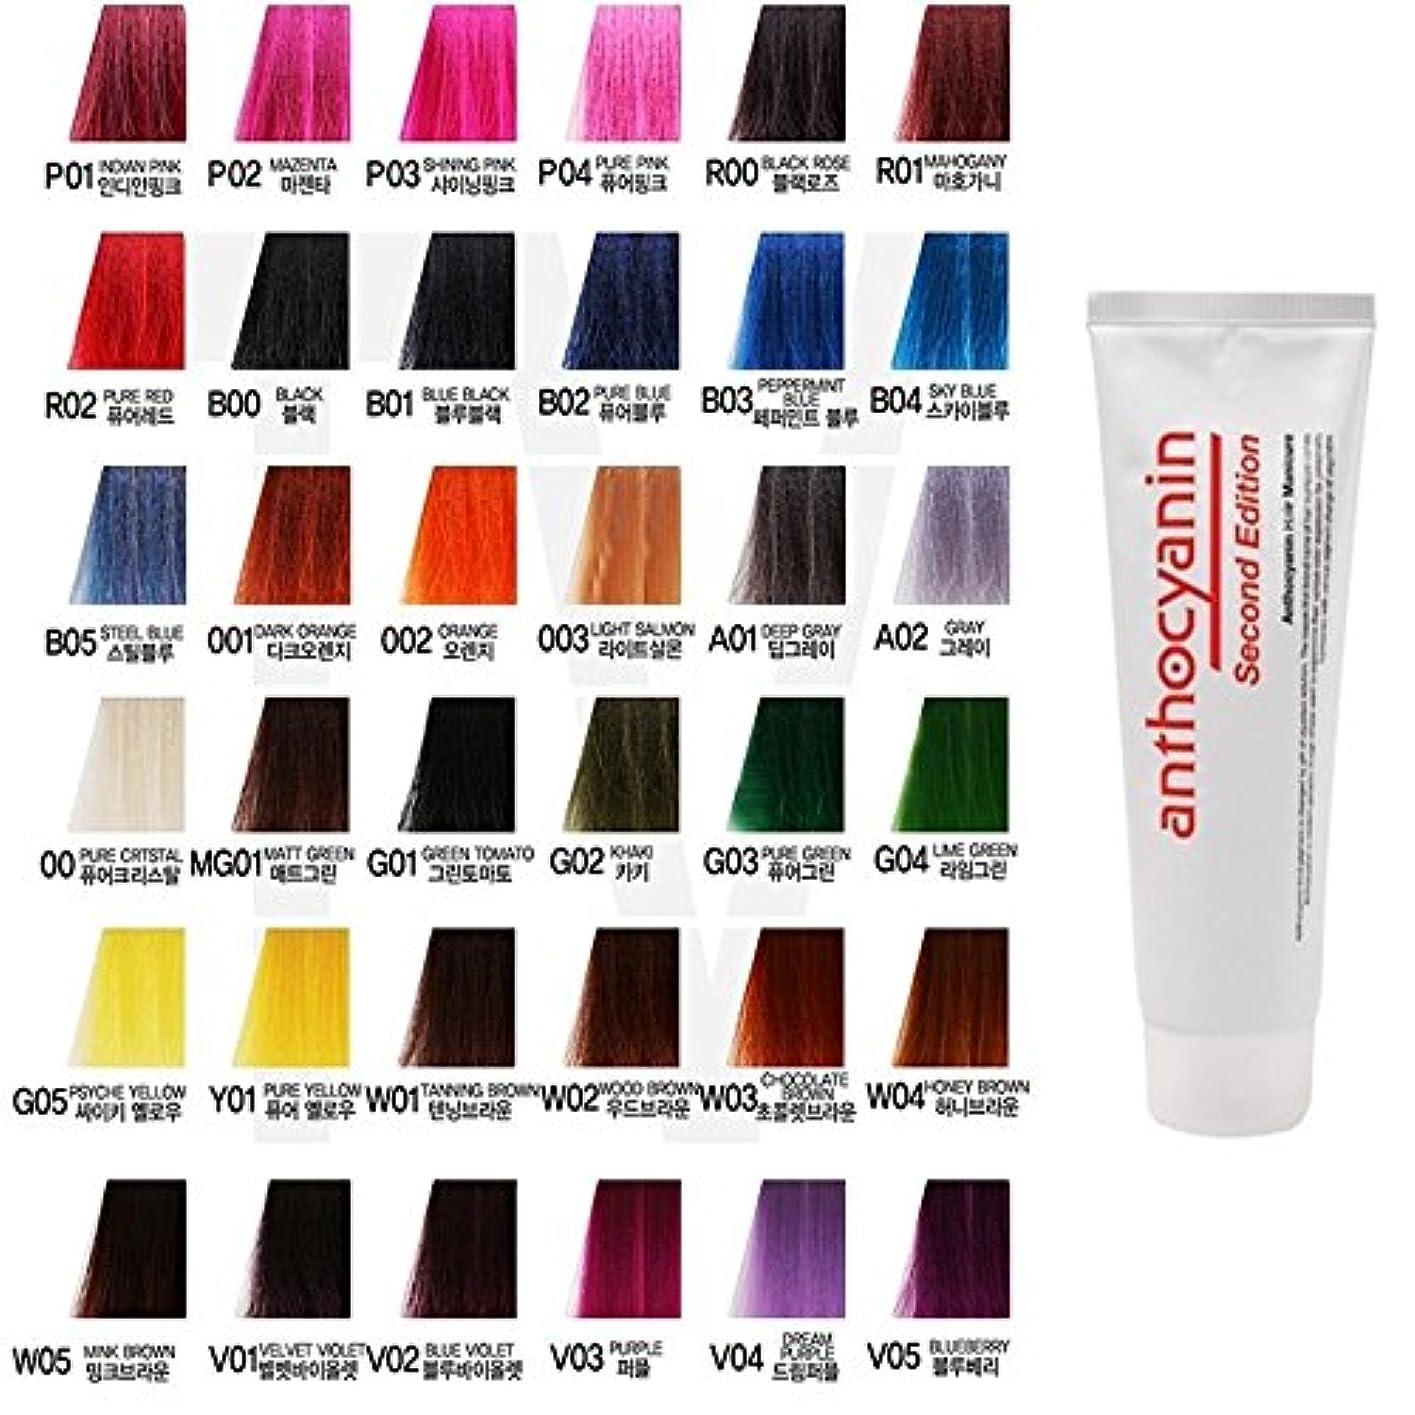 名門ヘクタール若者ヘア マニキュア カラー セカンド エディション 230g セミ パーマネント 染毛剤 ( Hair Manicure Color Second Edition 230g Semi Permanent Hair Dye) [並行輸入品] (A01 Deep Gray)